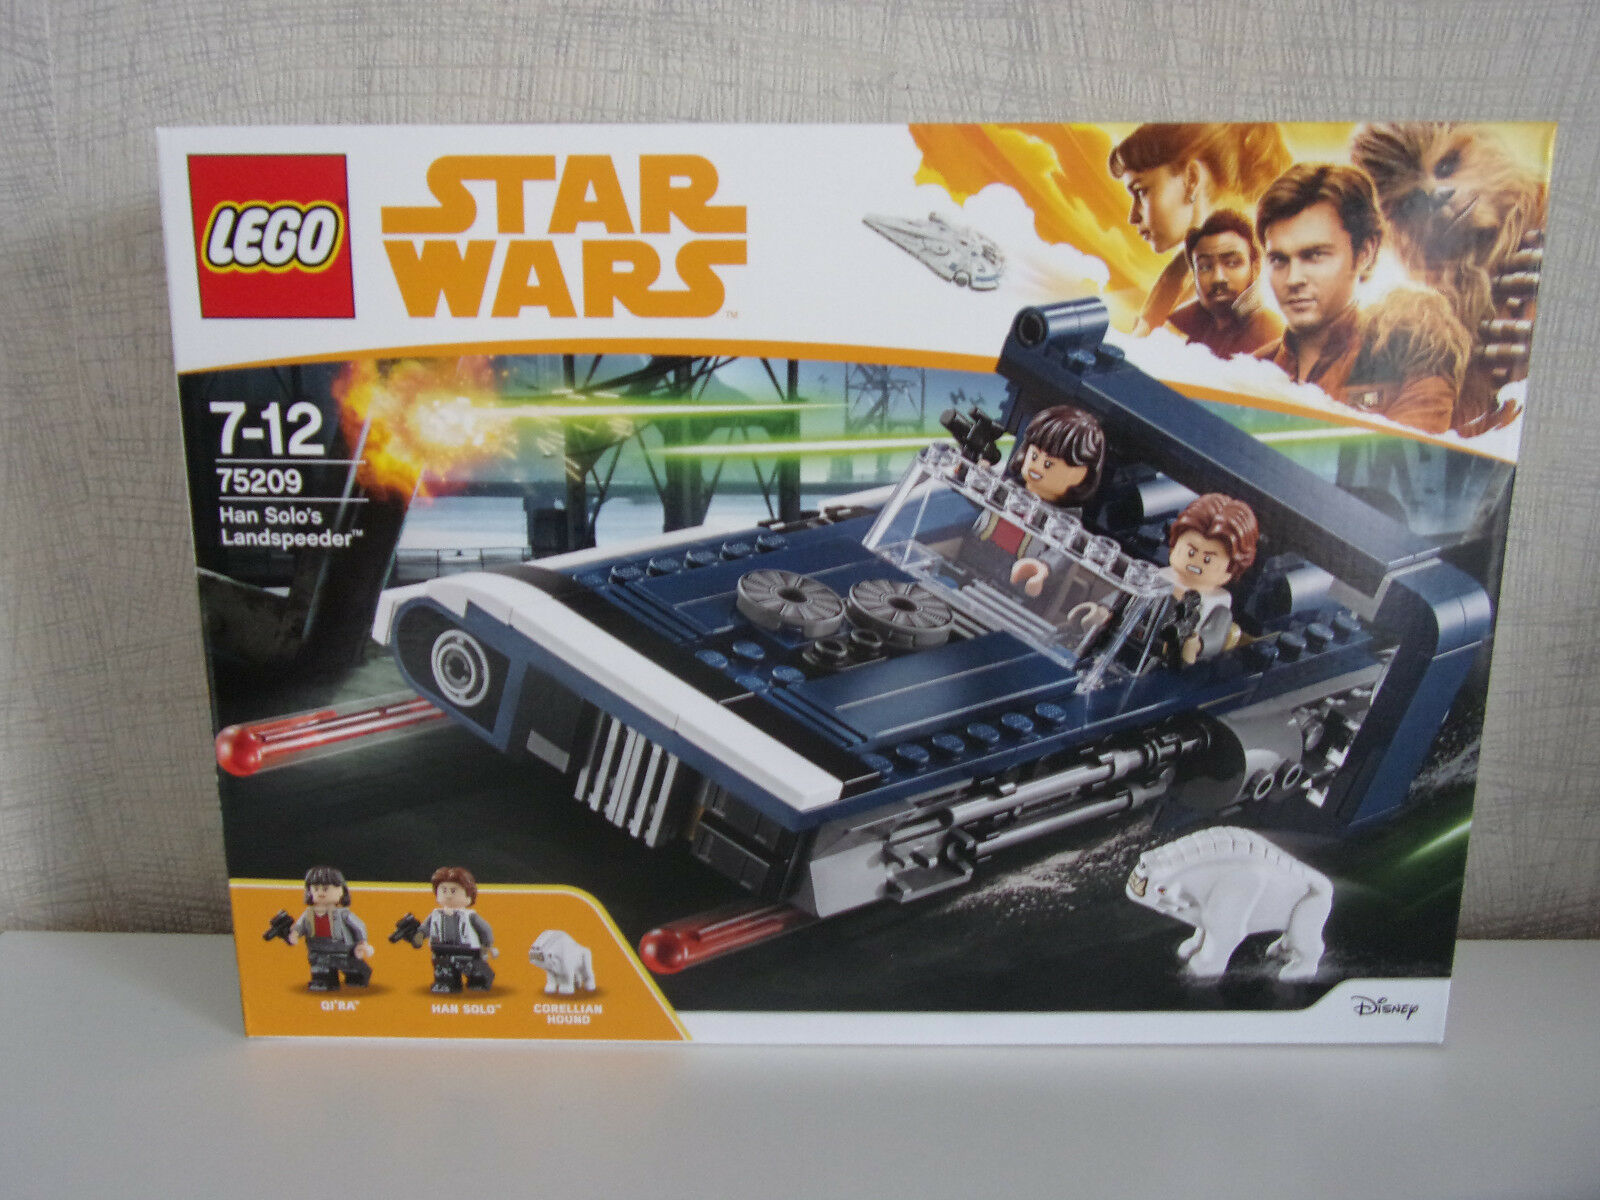 LEGO STAR WARS 75209 Han Solo's Landspeeder - NUOVO E IN CONFEZIONE ORIGINALE